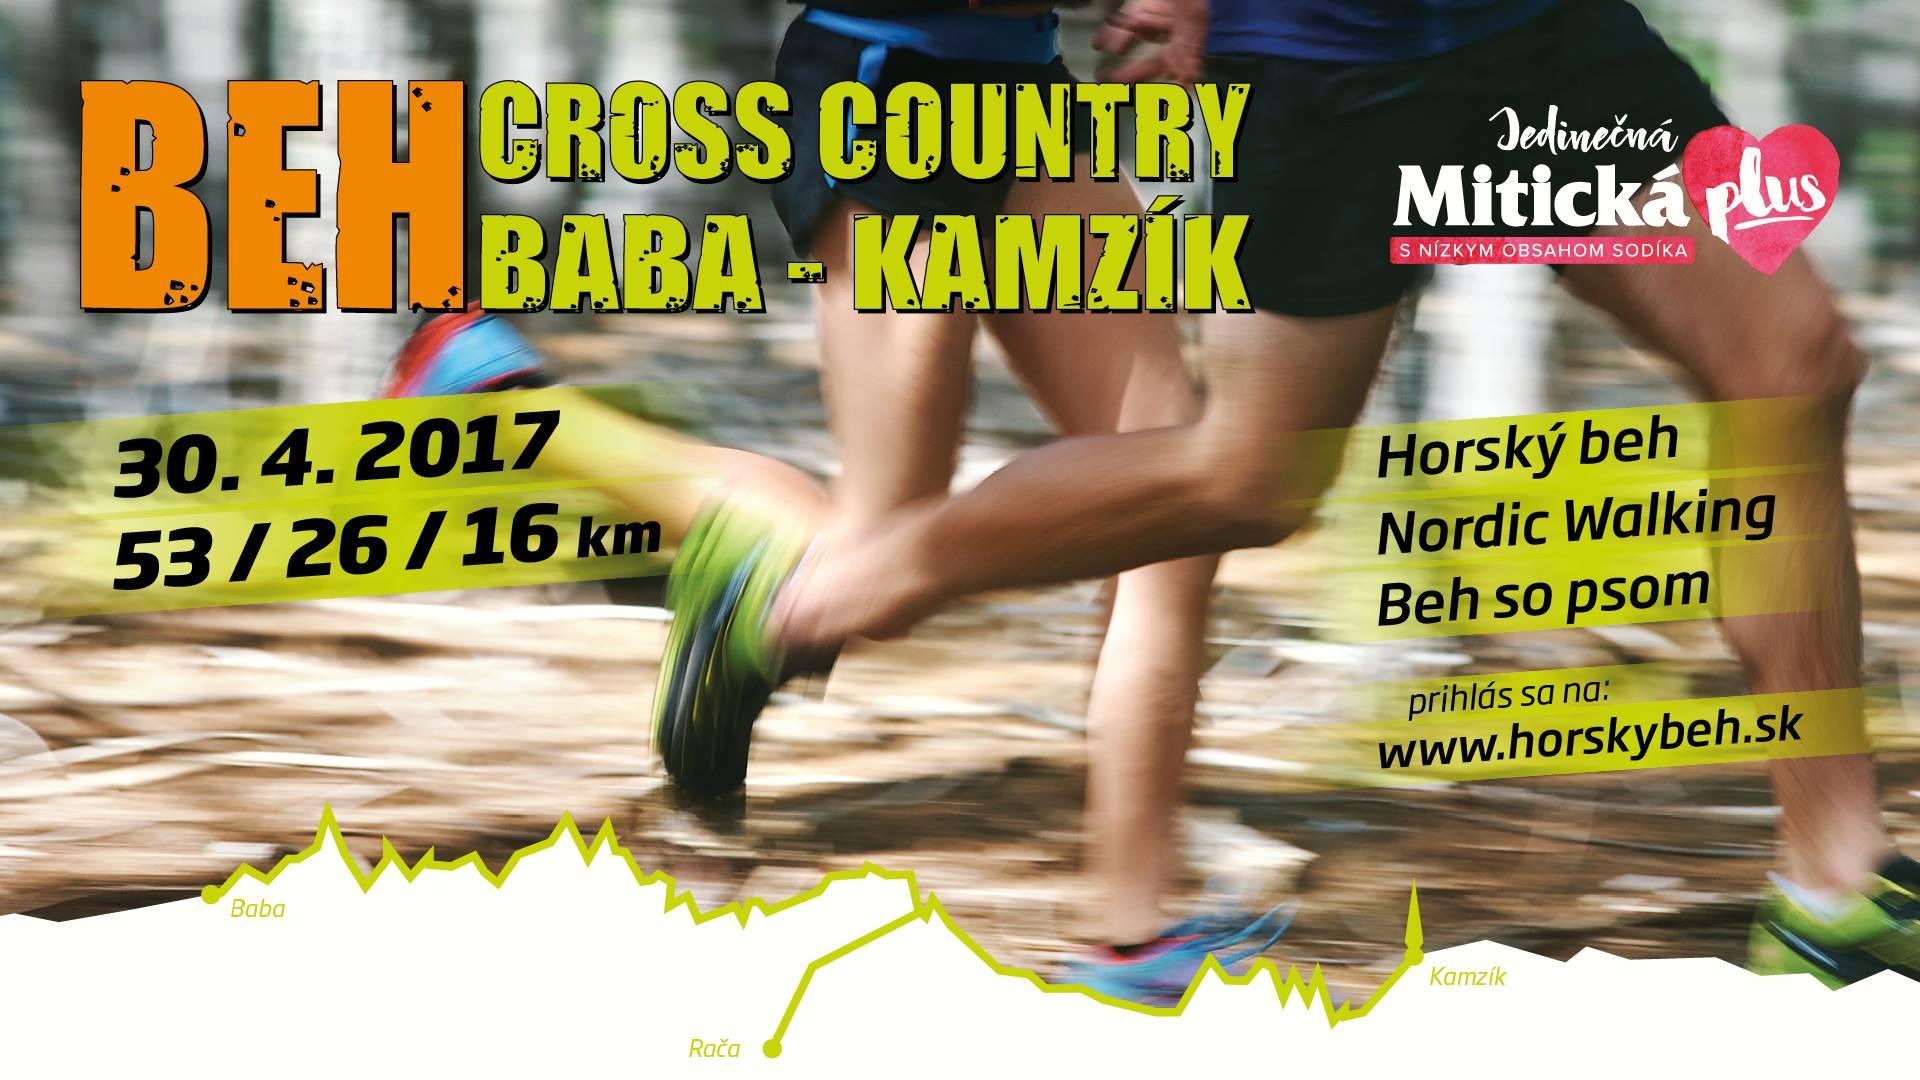 Expresky z hôr 59 - Cross Country Baba-Kamzík s Mítickou, zdroj: FB event